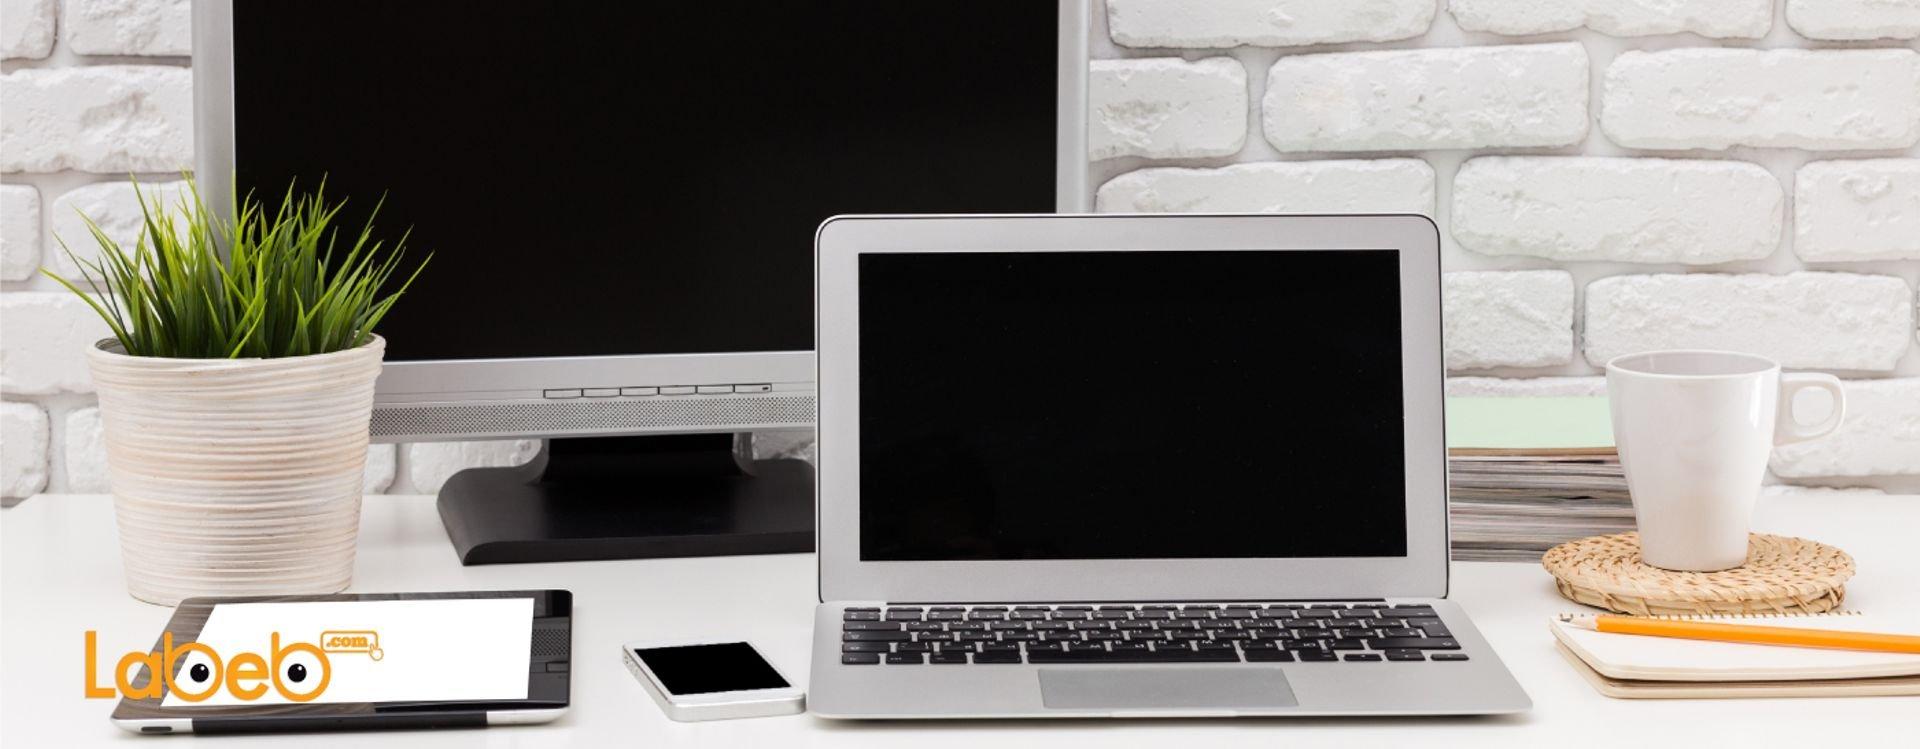 الأختيار بين حاسوب مكتبي، لوحي أم محمول